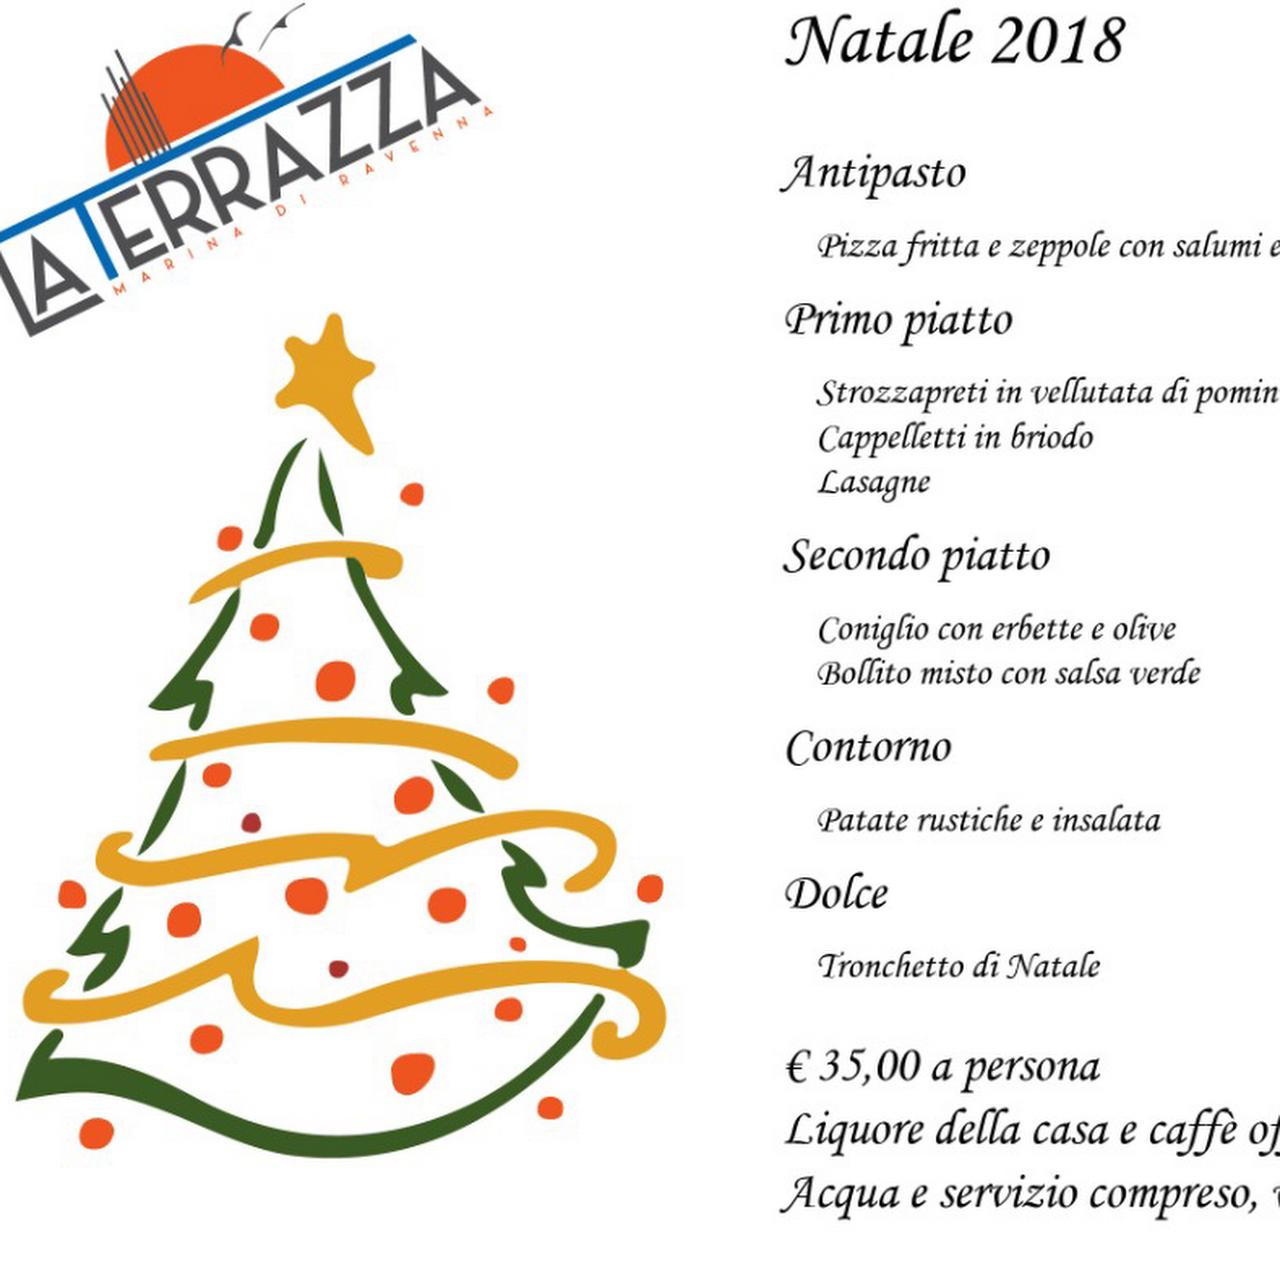 La Terrazza Ristorante Pizzeria Ristorante A Marina Di Ravenna